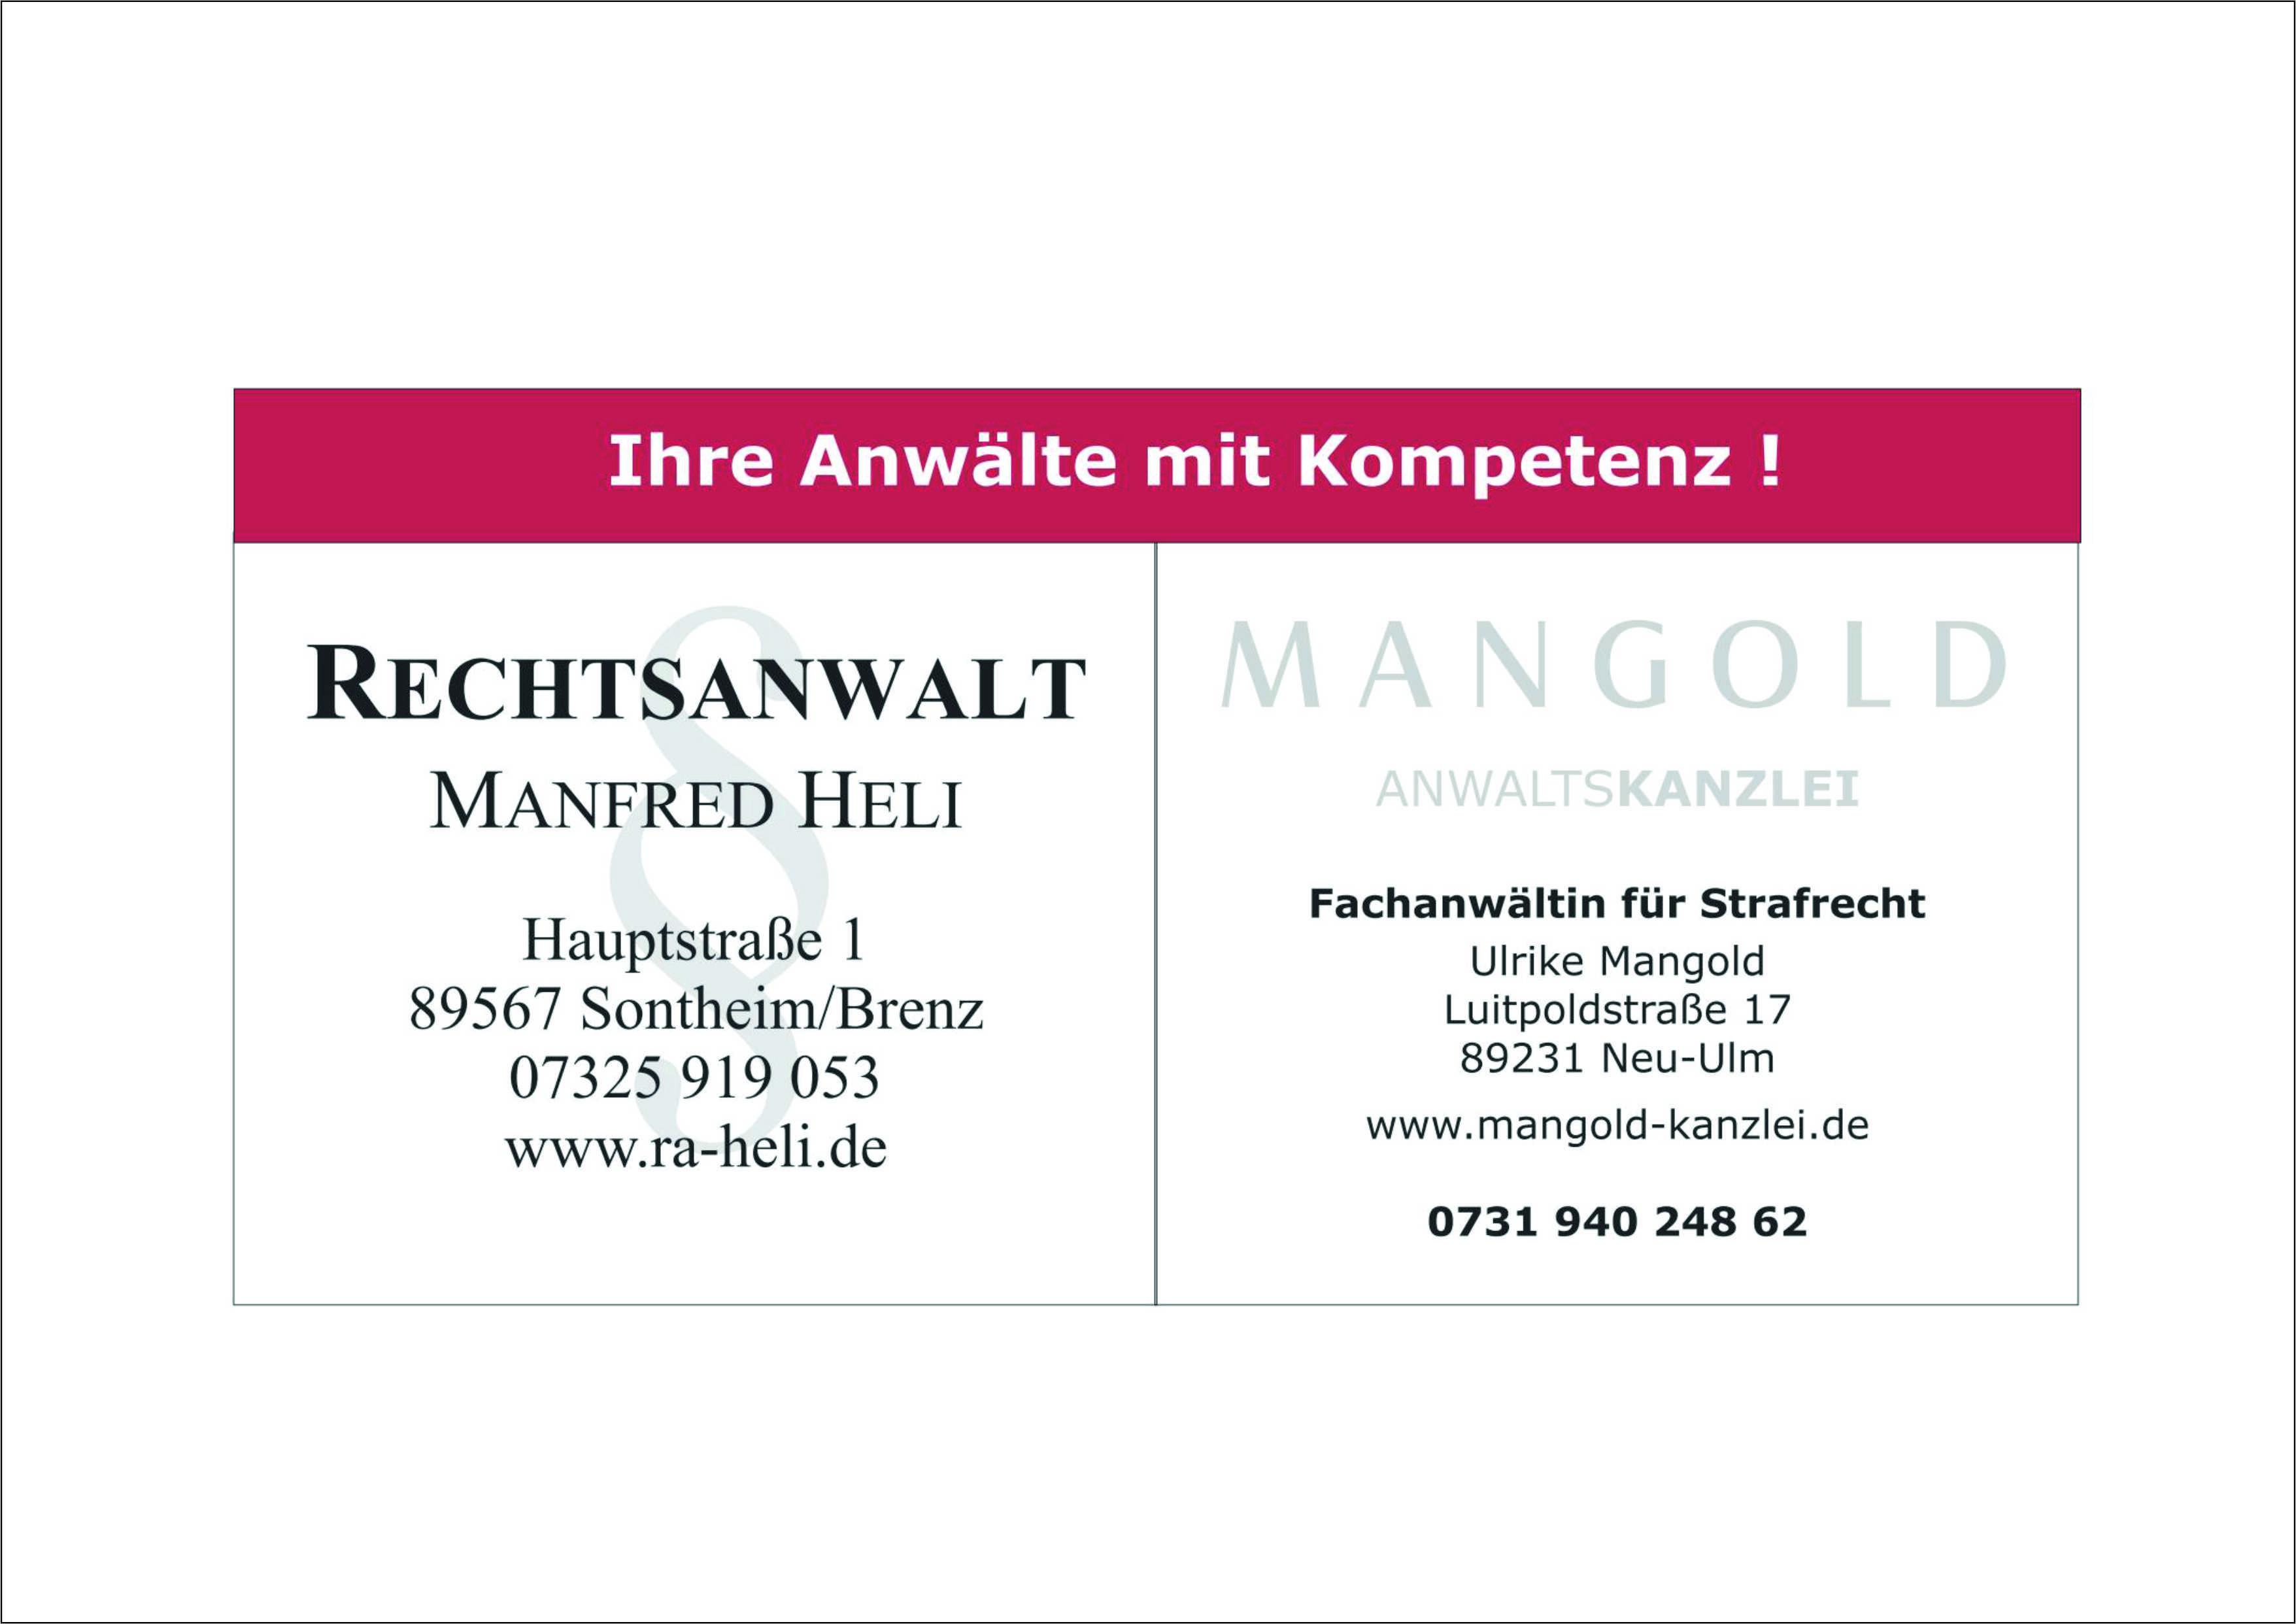 Manfred Heli